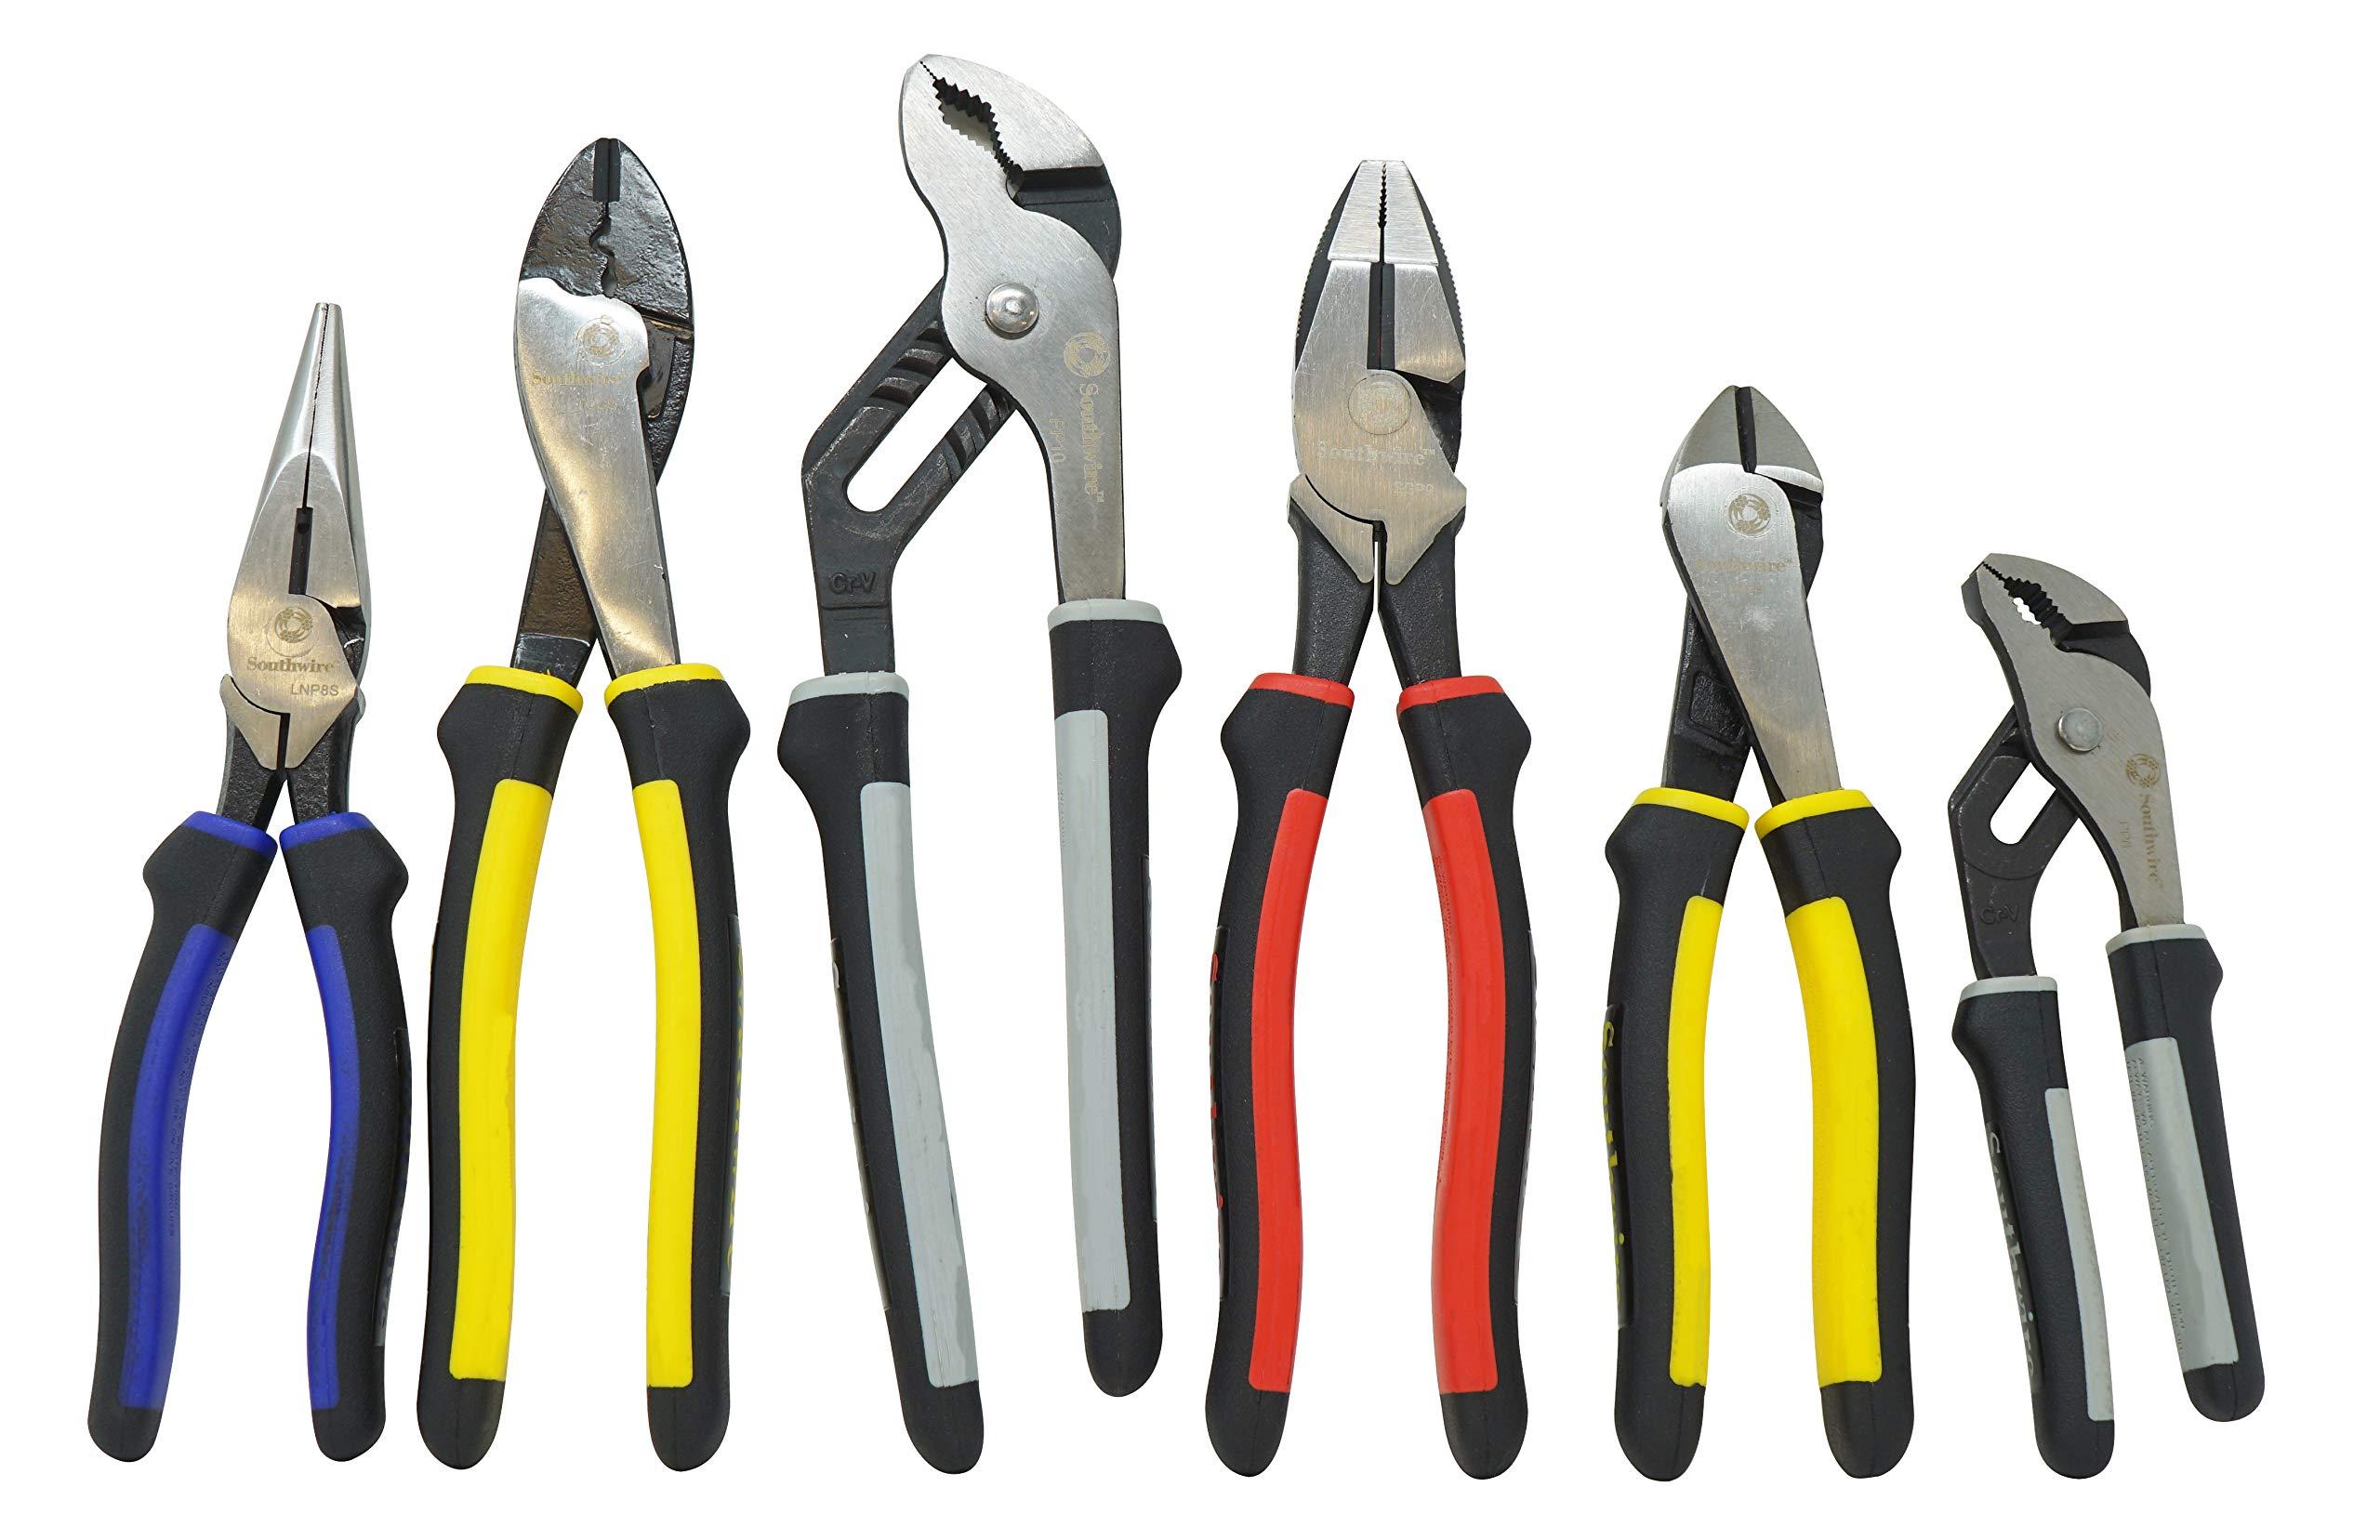 Southwire Tools & Equipment PLIERKIT 6-Piece Pliers Set